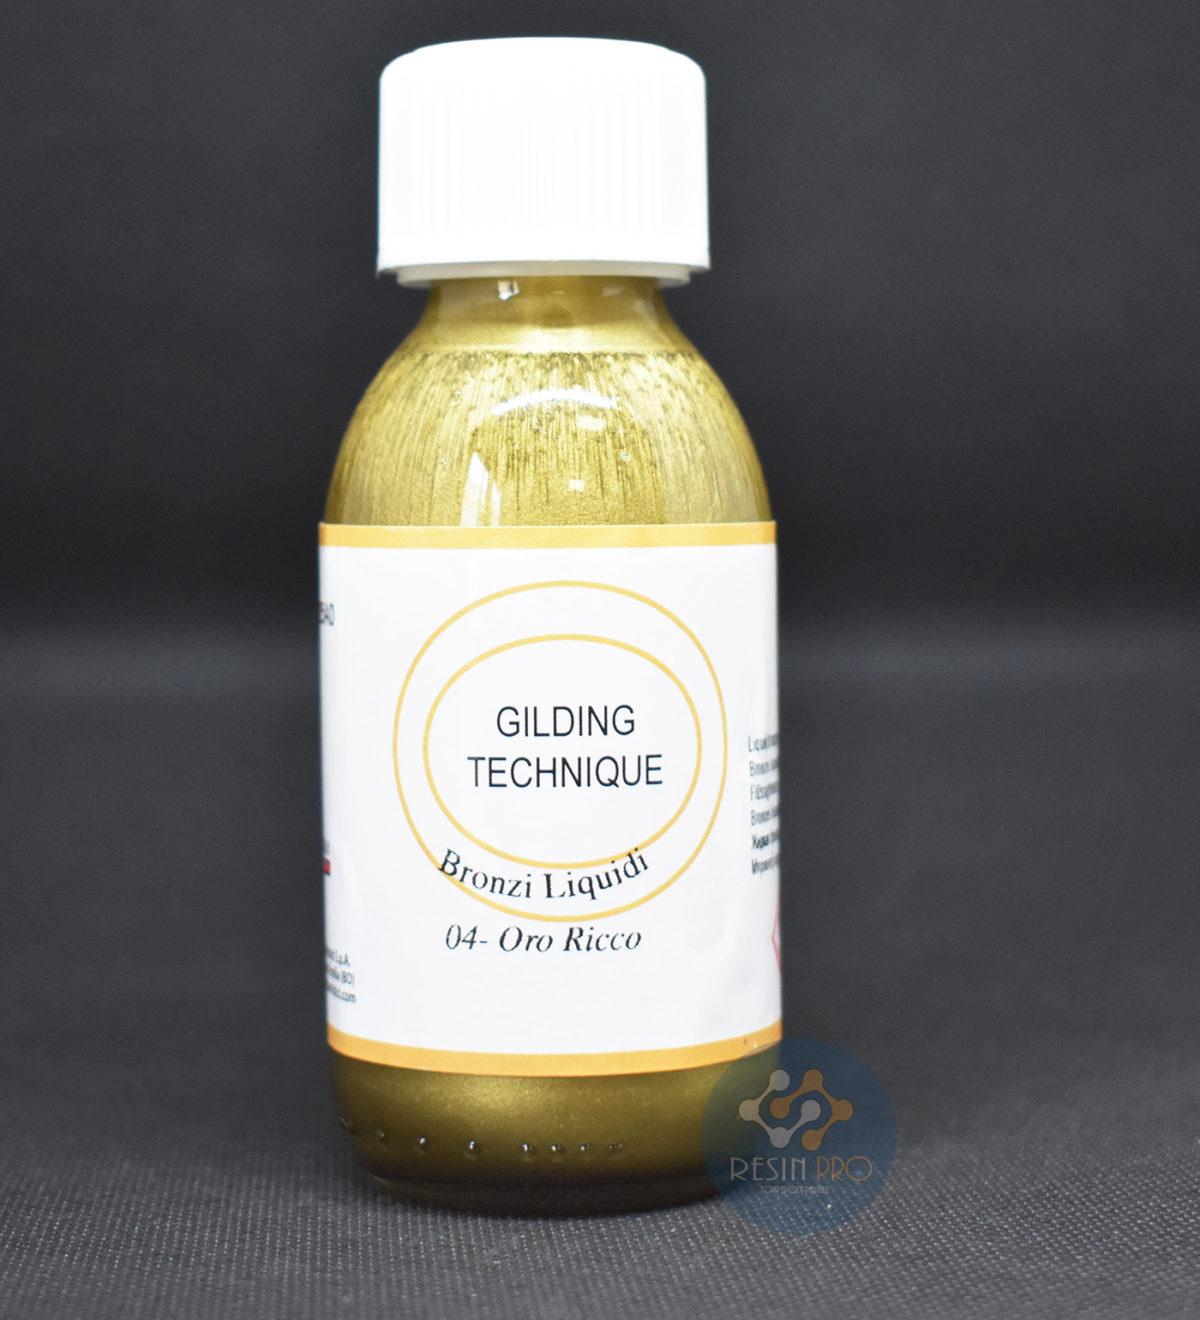 Gilding - Liquid bronze - Ferrario 125 ml [4,39 oz]